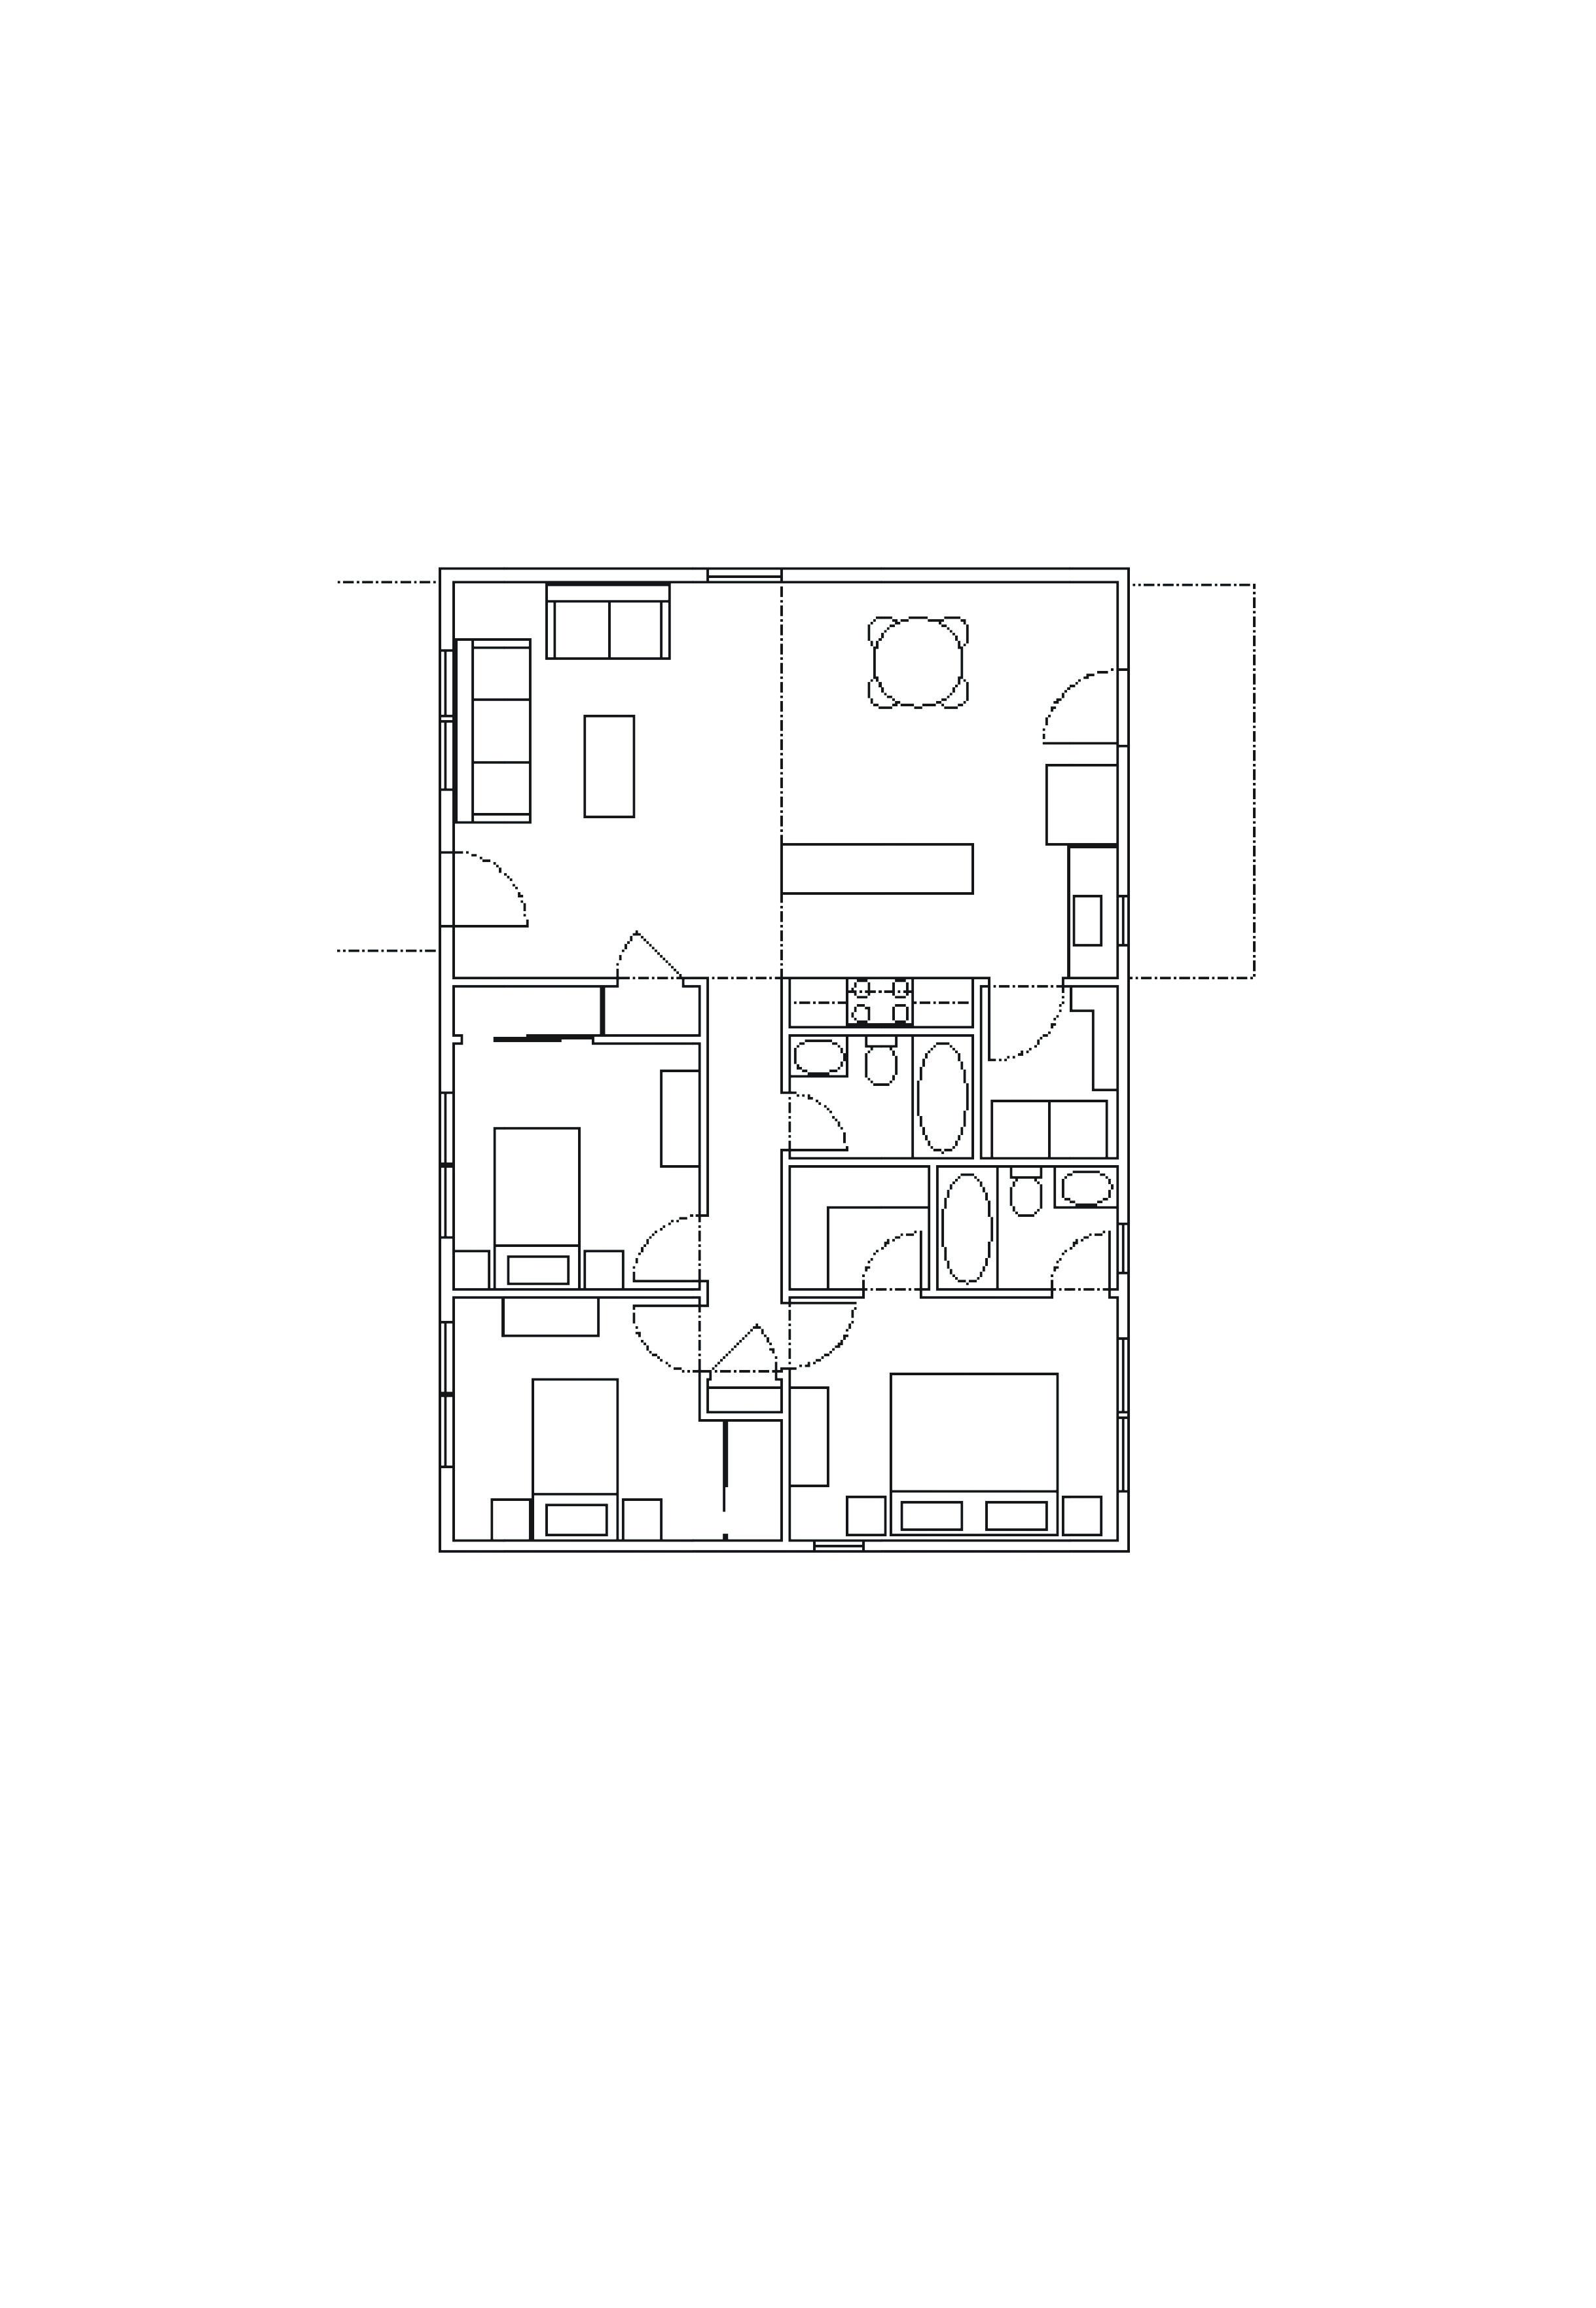 Picture of Floor Plan